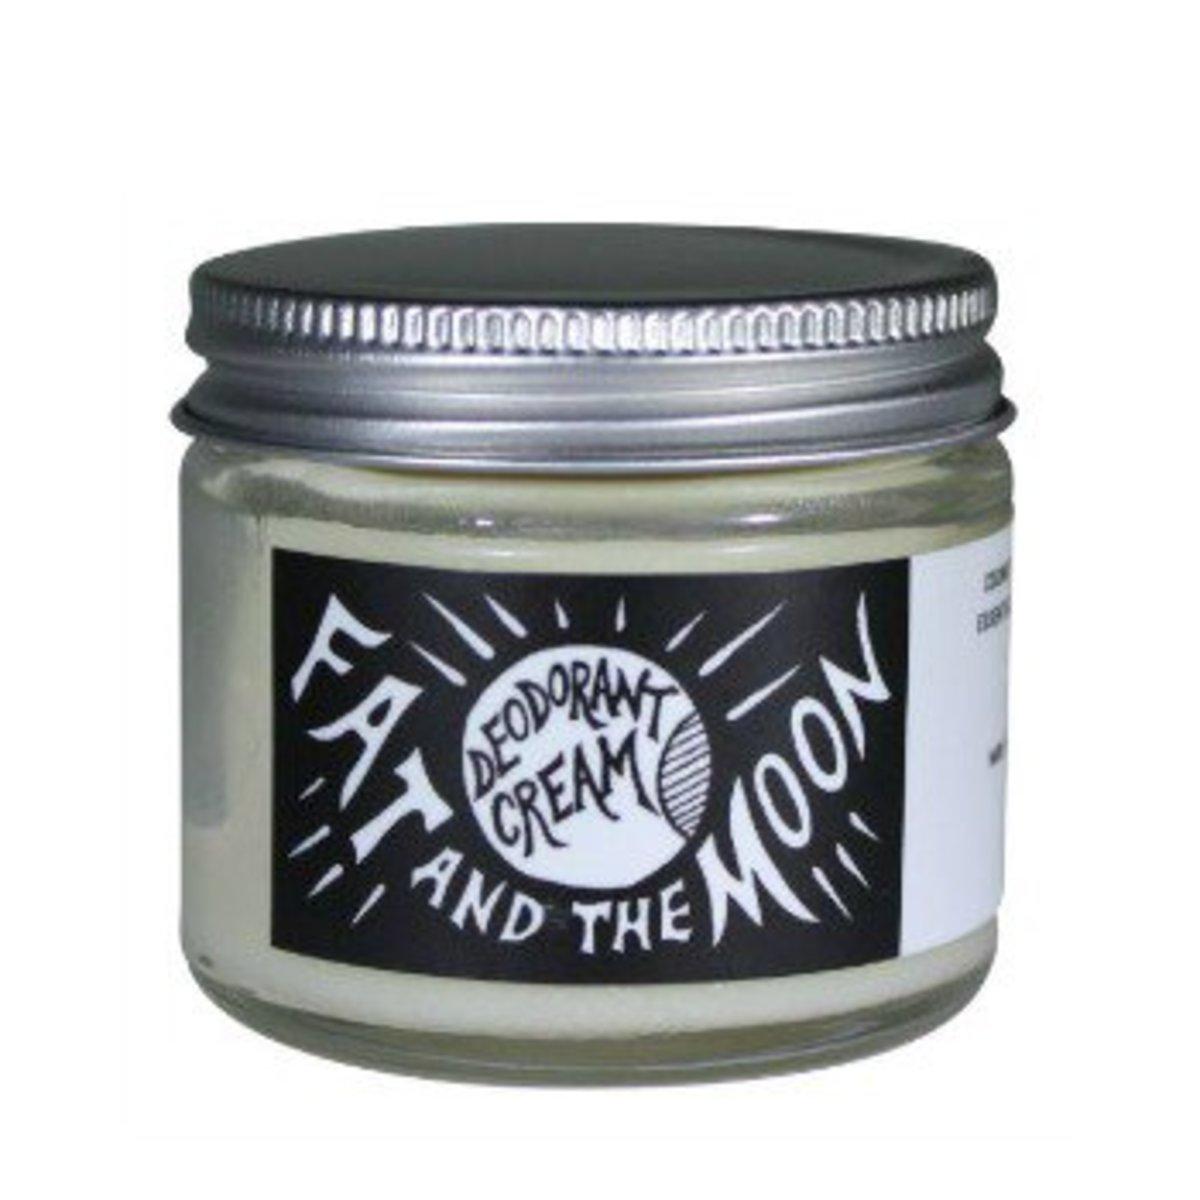 Fat & The Moon Deodorant Cream